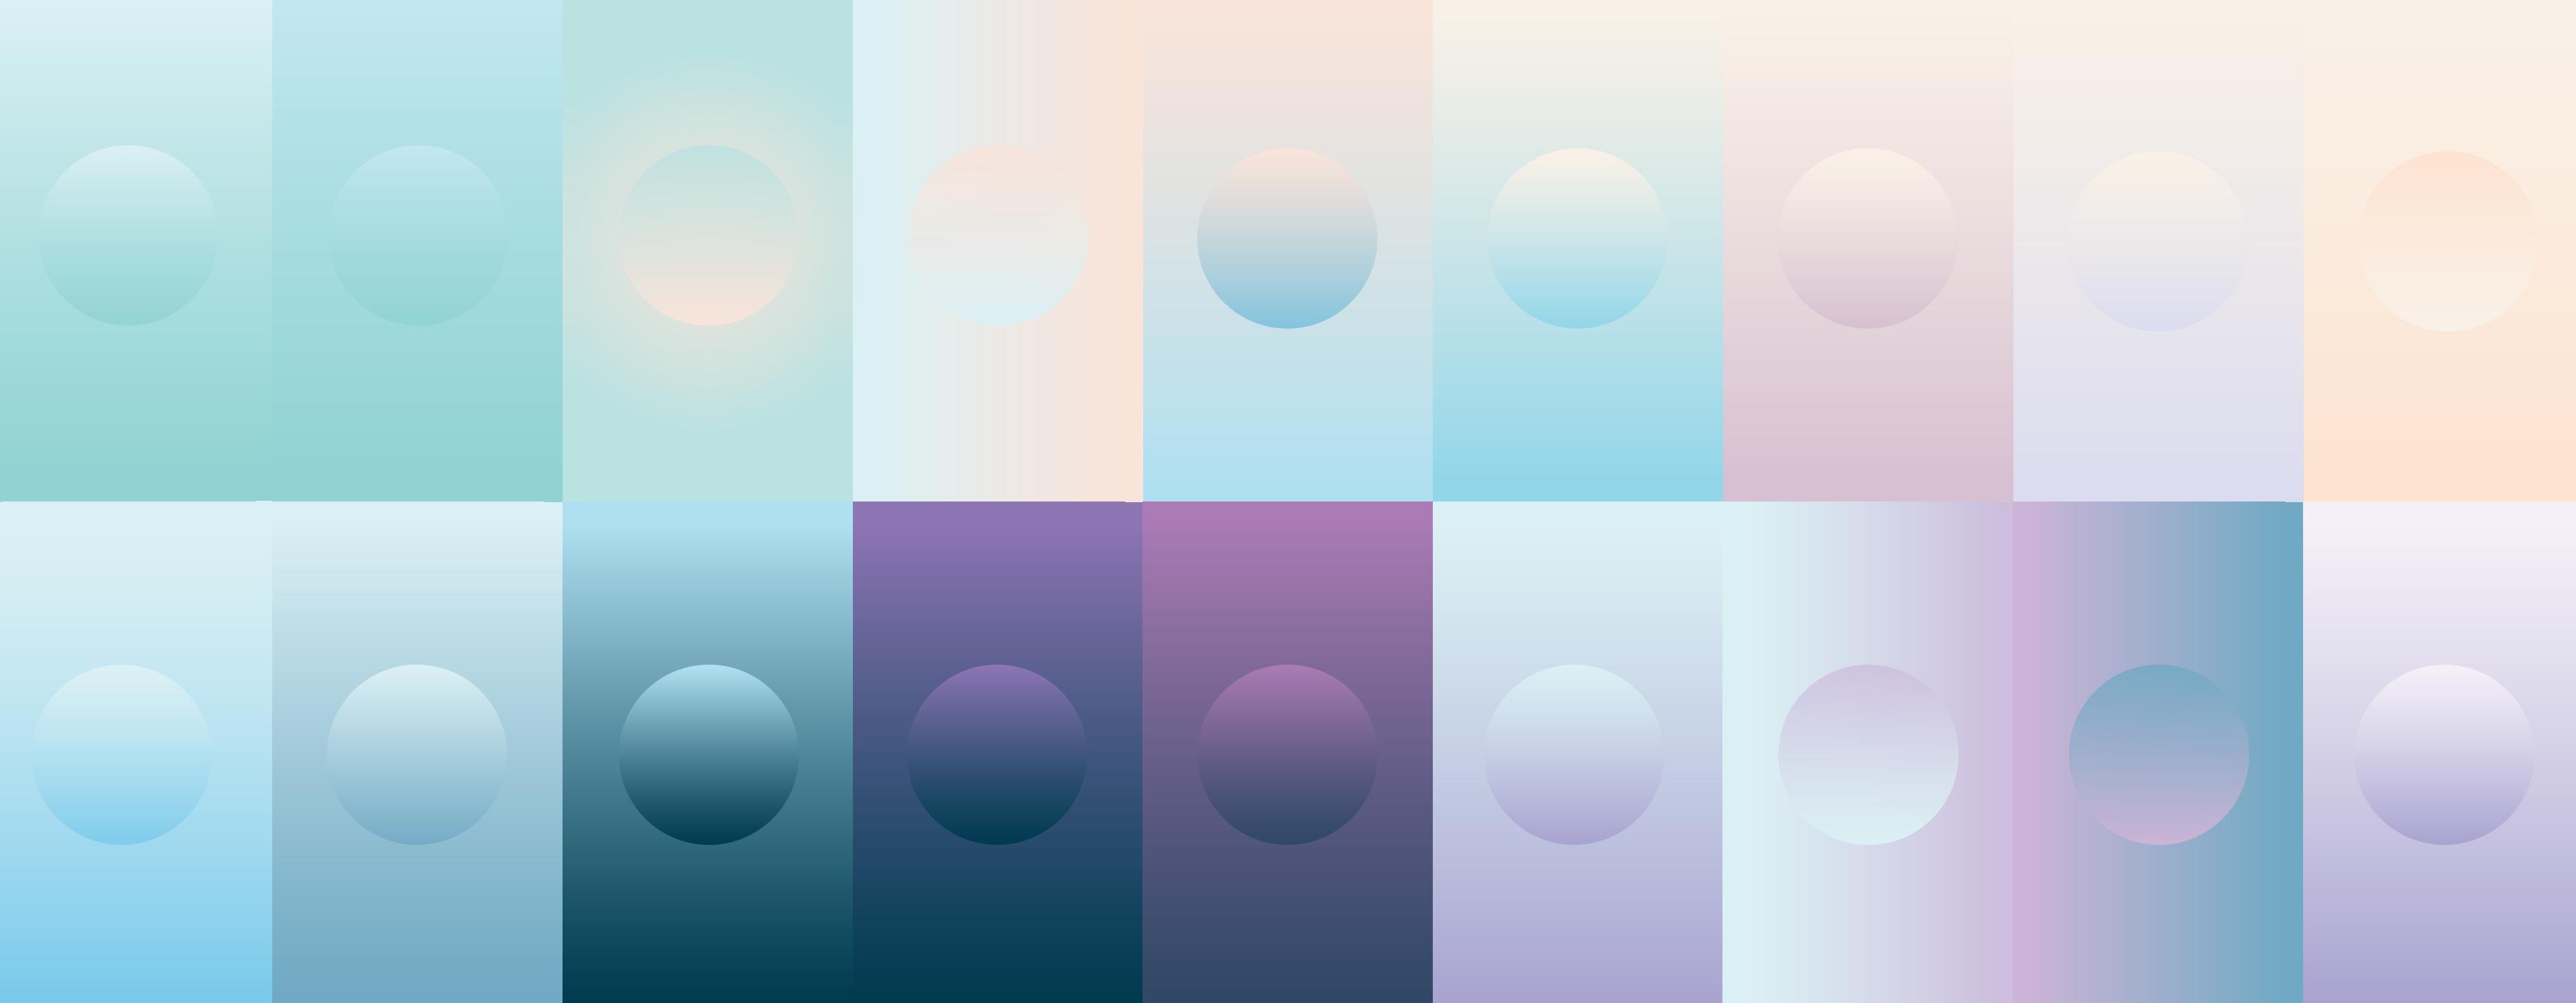 Colour_Exploration_Website_3 copy